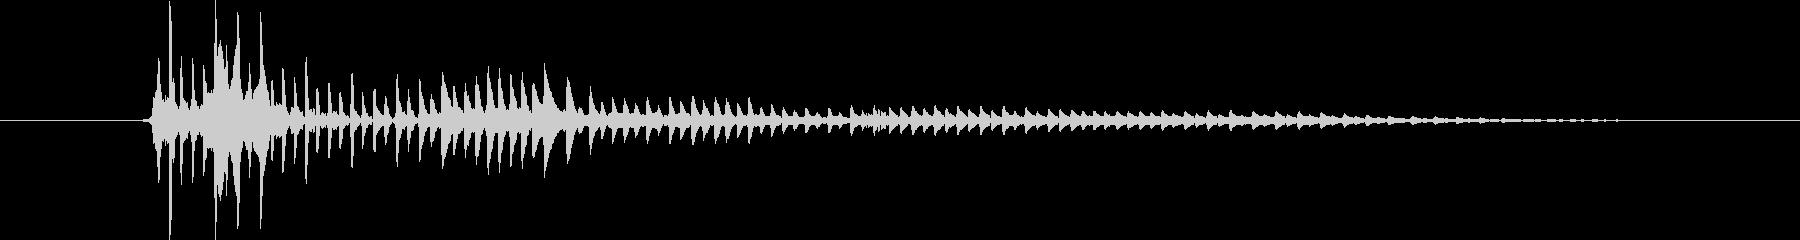 パーカッション 口ハープ02の未再生の波形